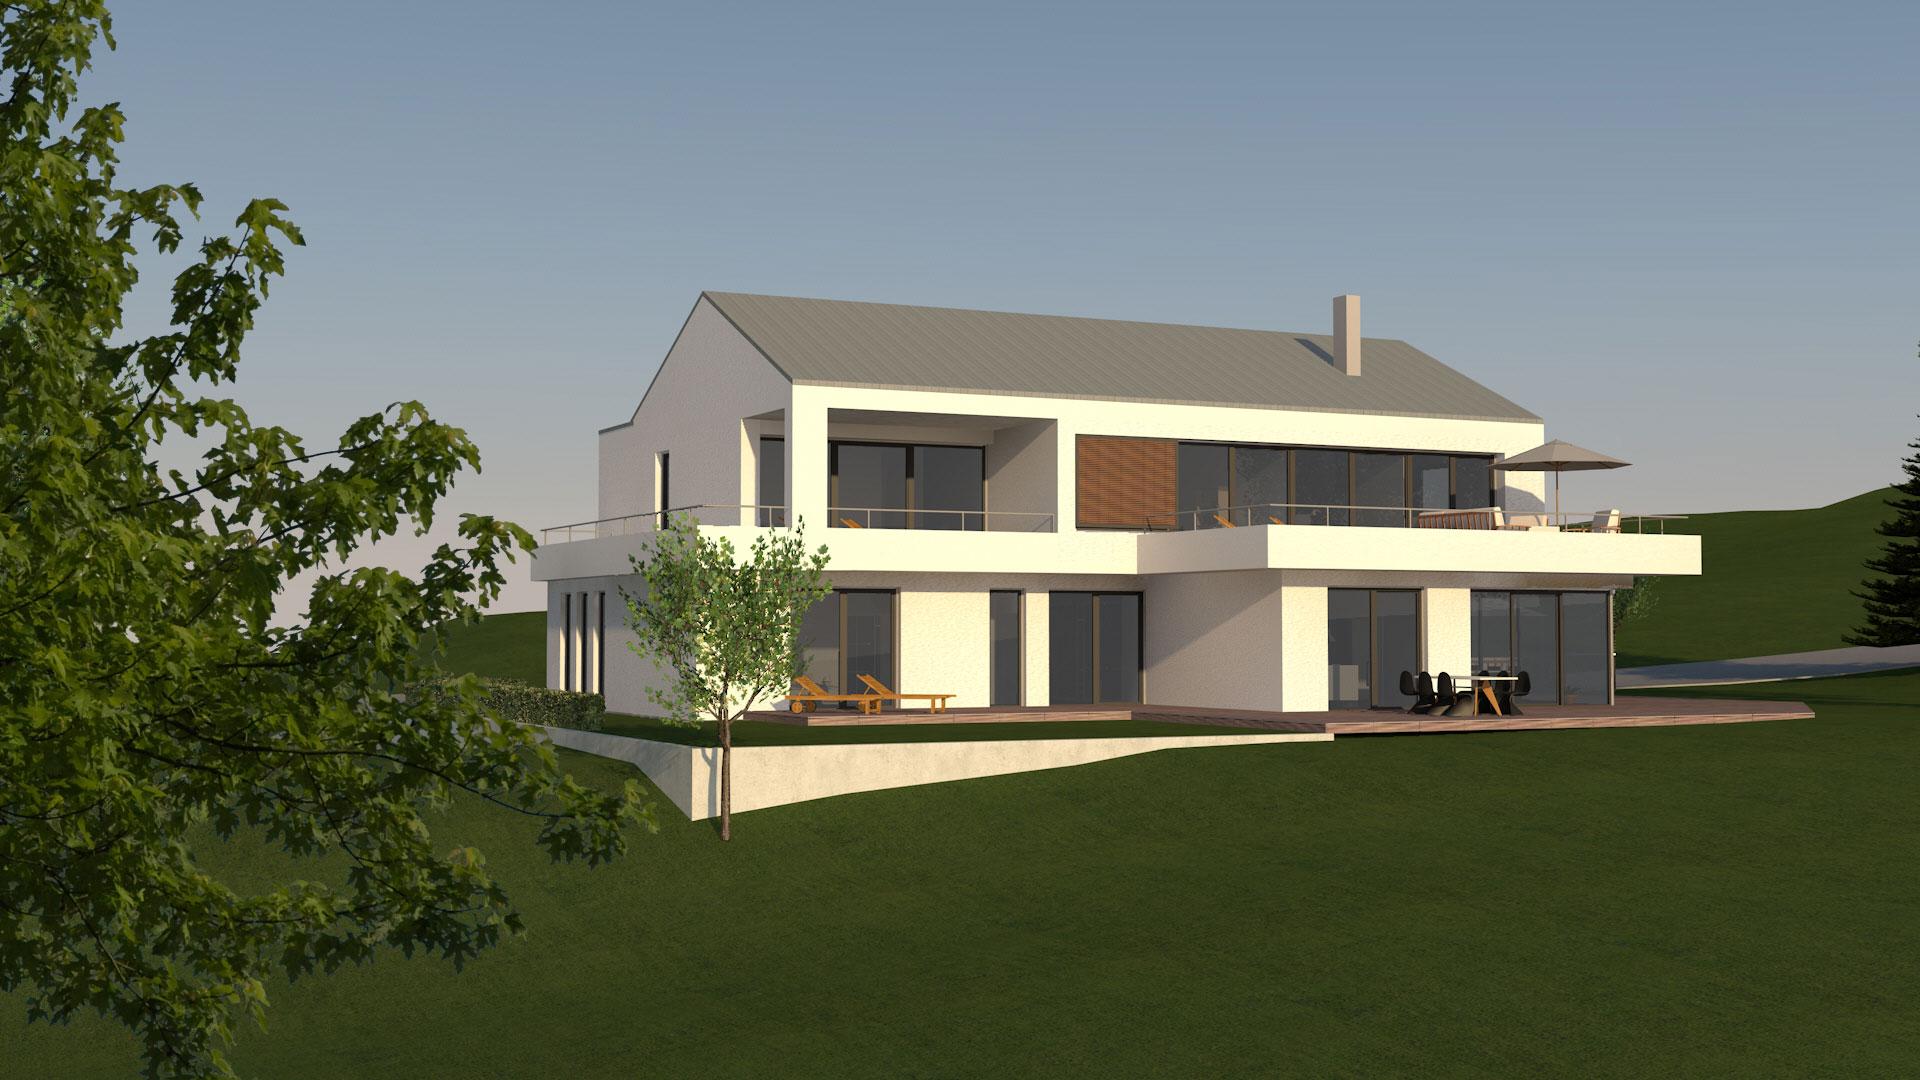 neubau moderne villa mit satteldach in wei enburg hochplan. Black Bedroom Furniture Sets. Home Design Ideas